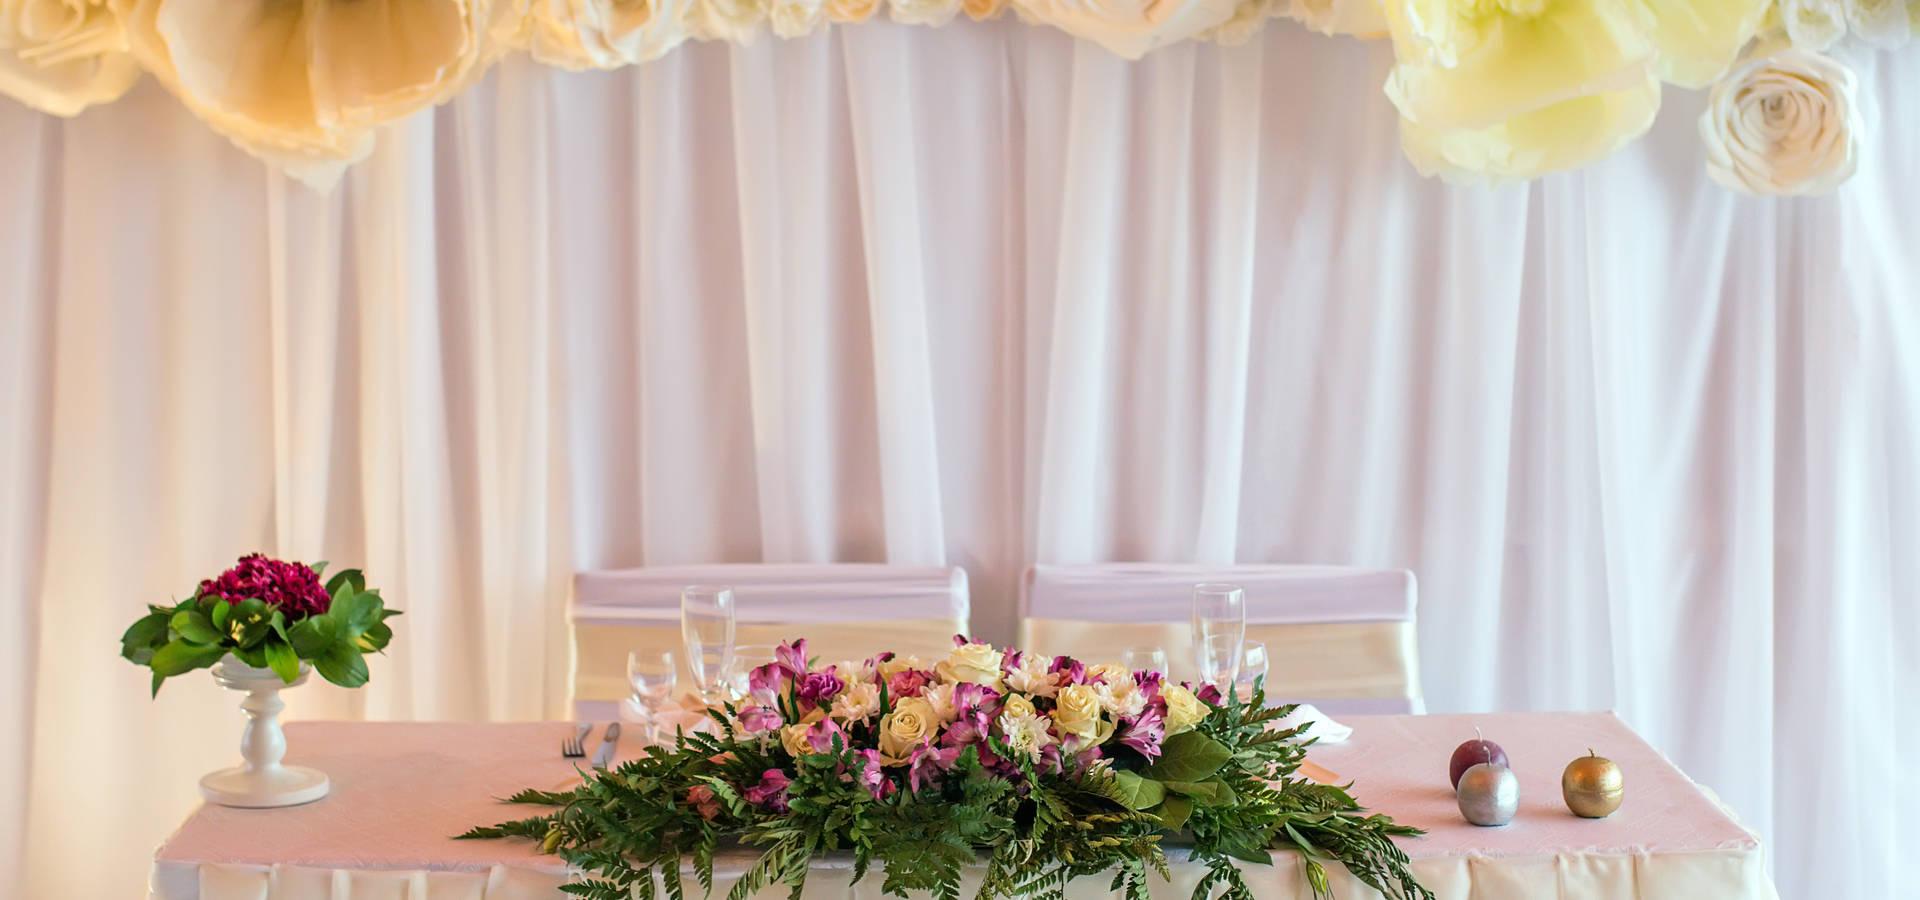 Школа-студия декора <q>Свадьба мечты</q>